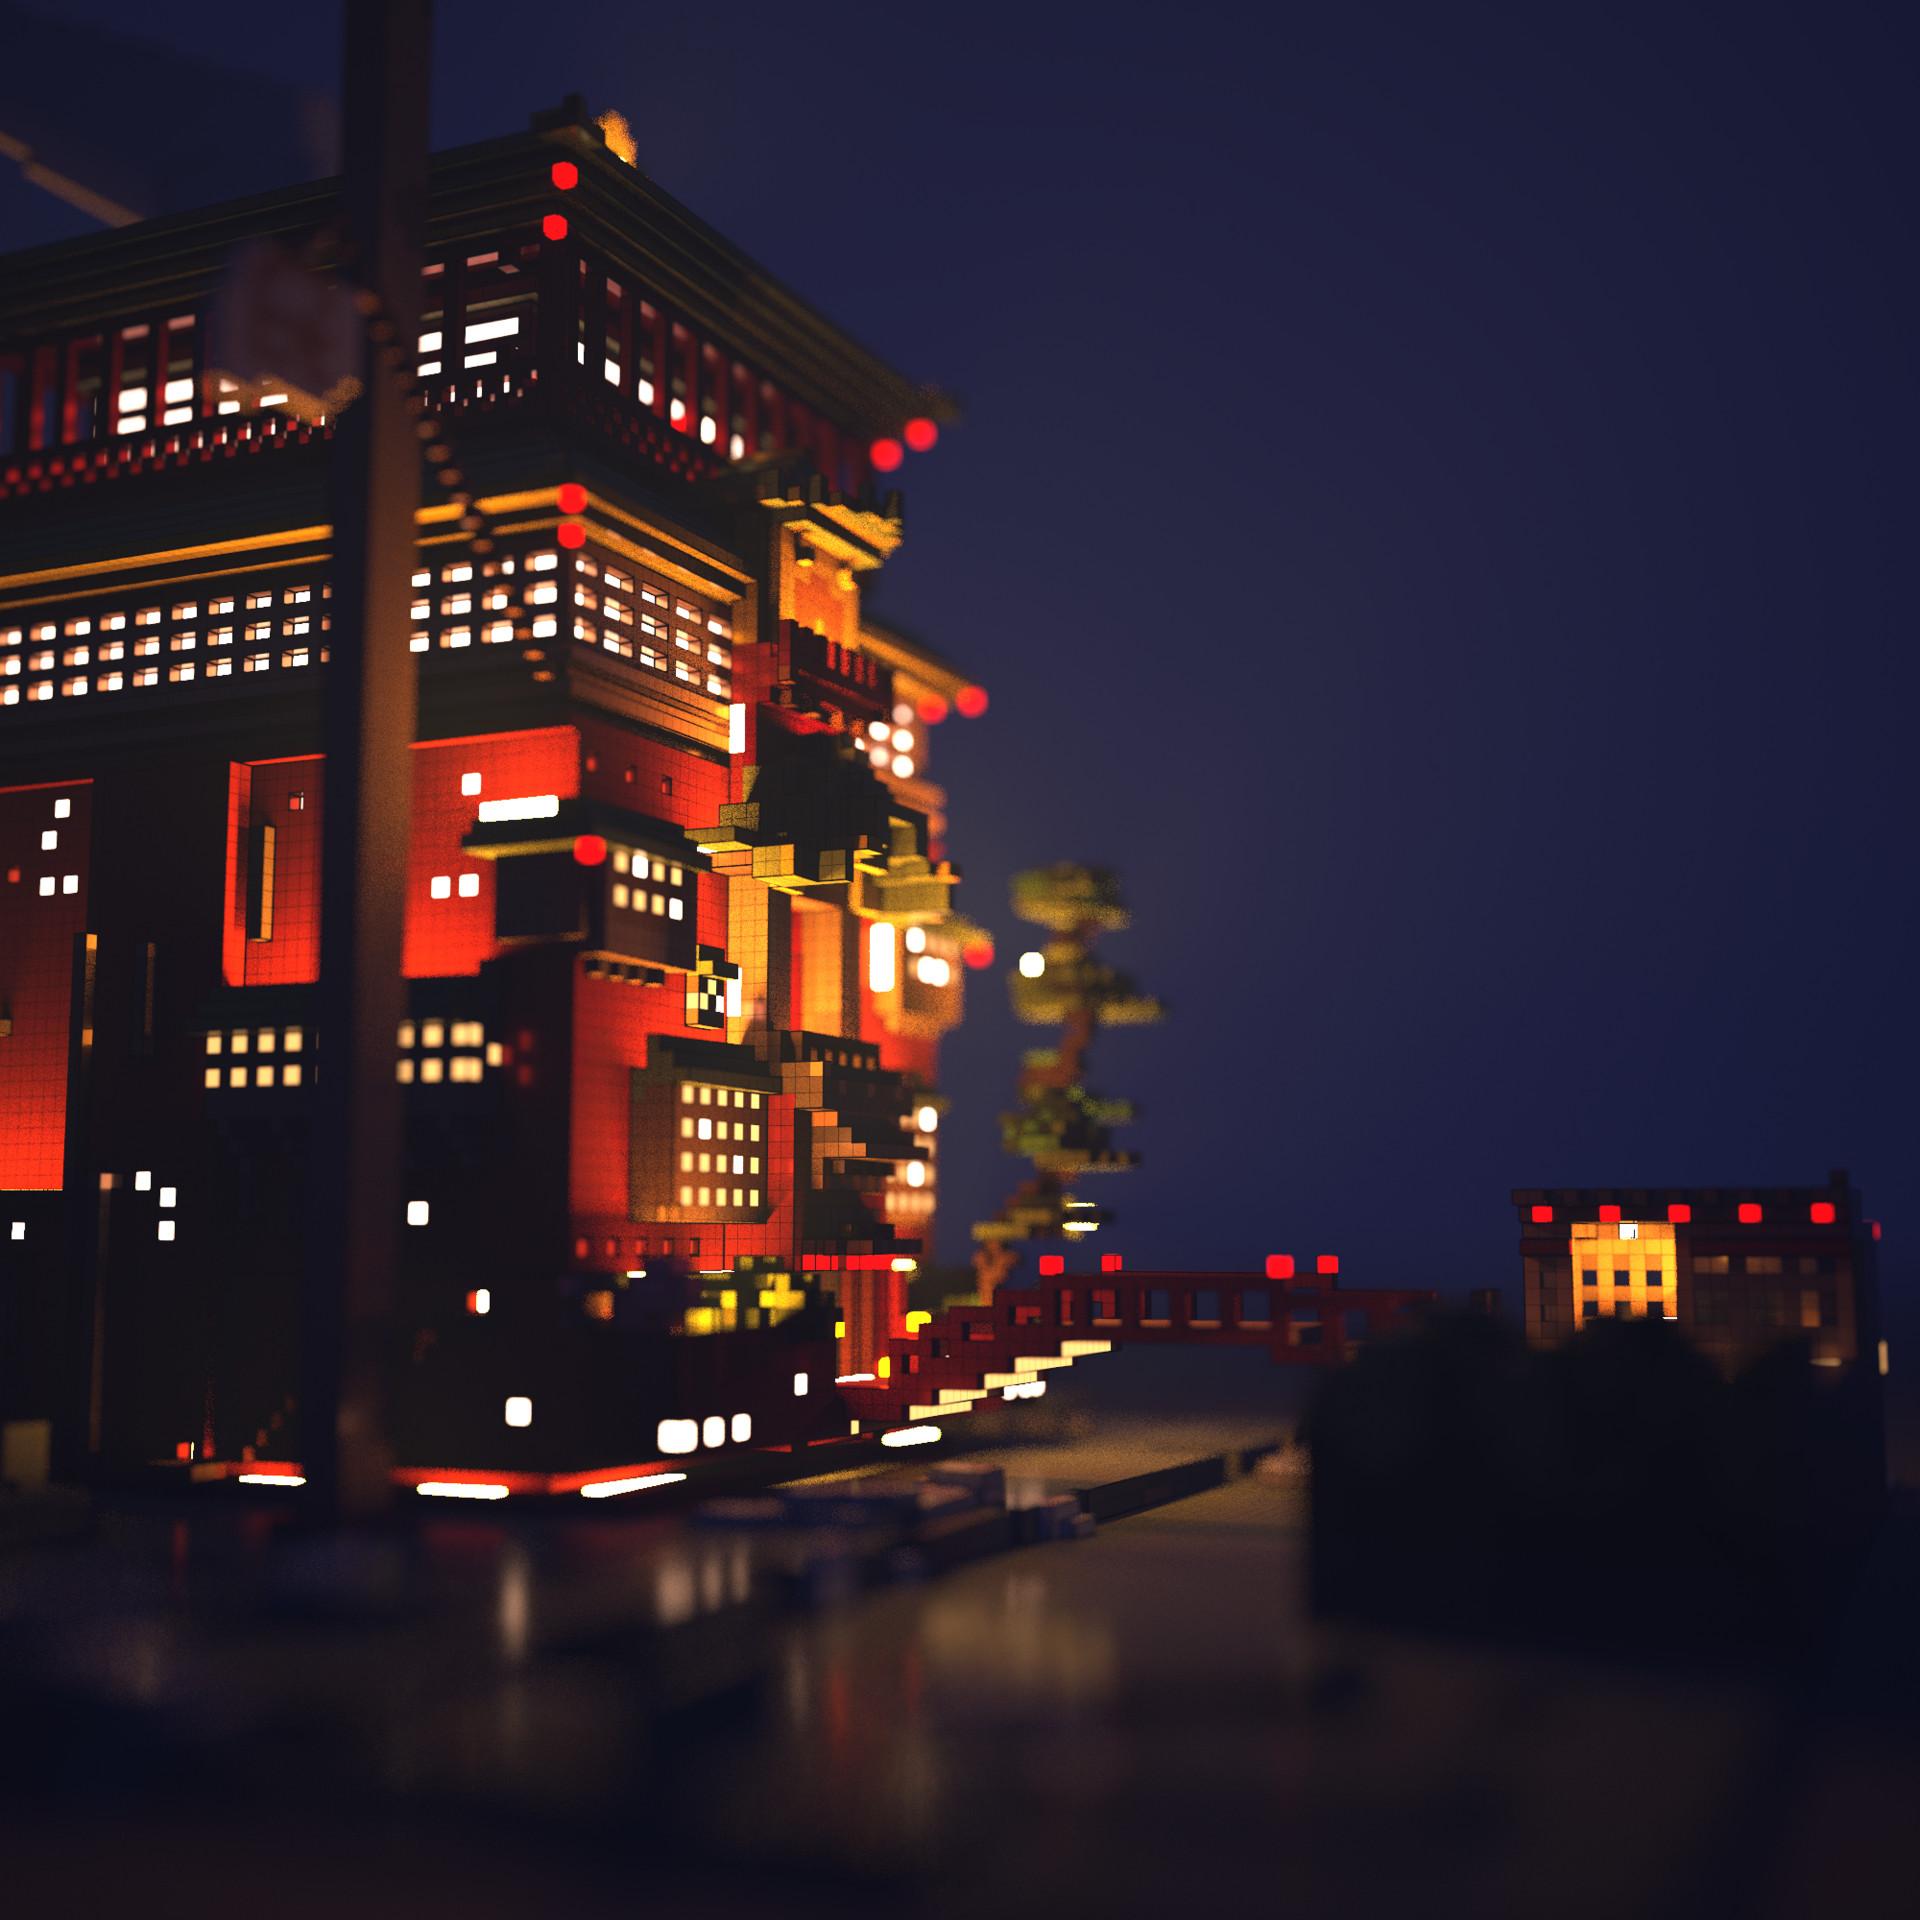 Artstation Spirited Away Chihiro House Voxel Art Adrian Malfatti